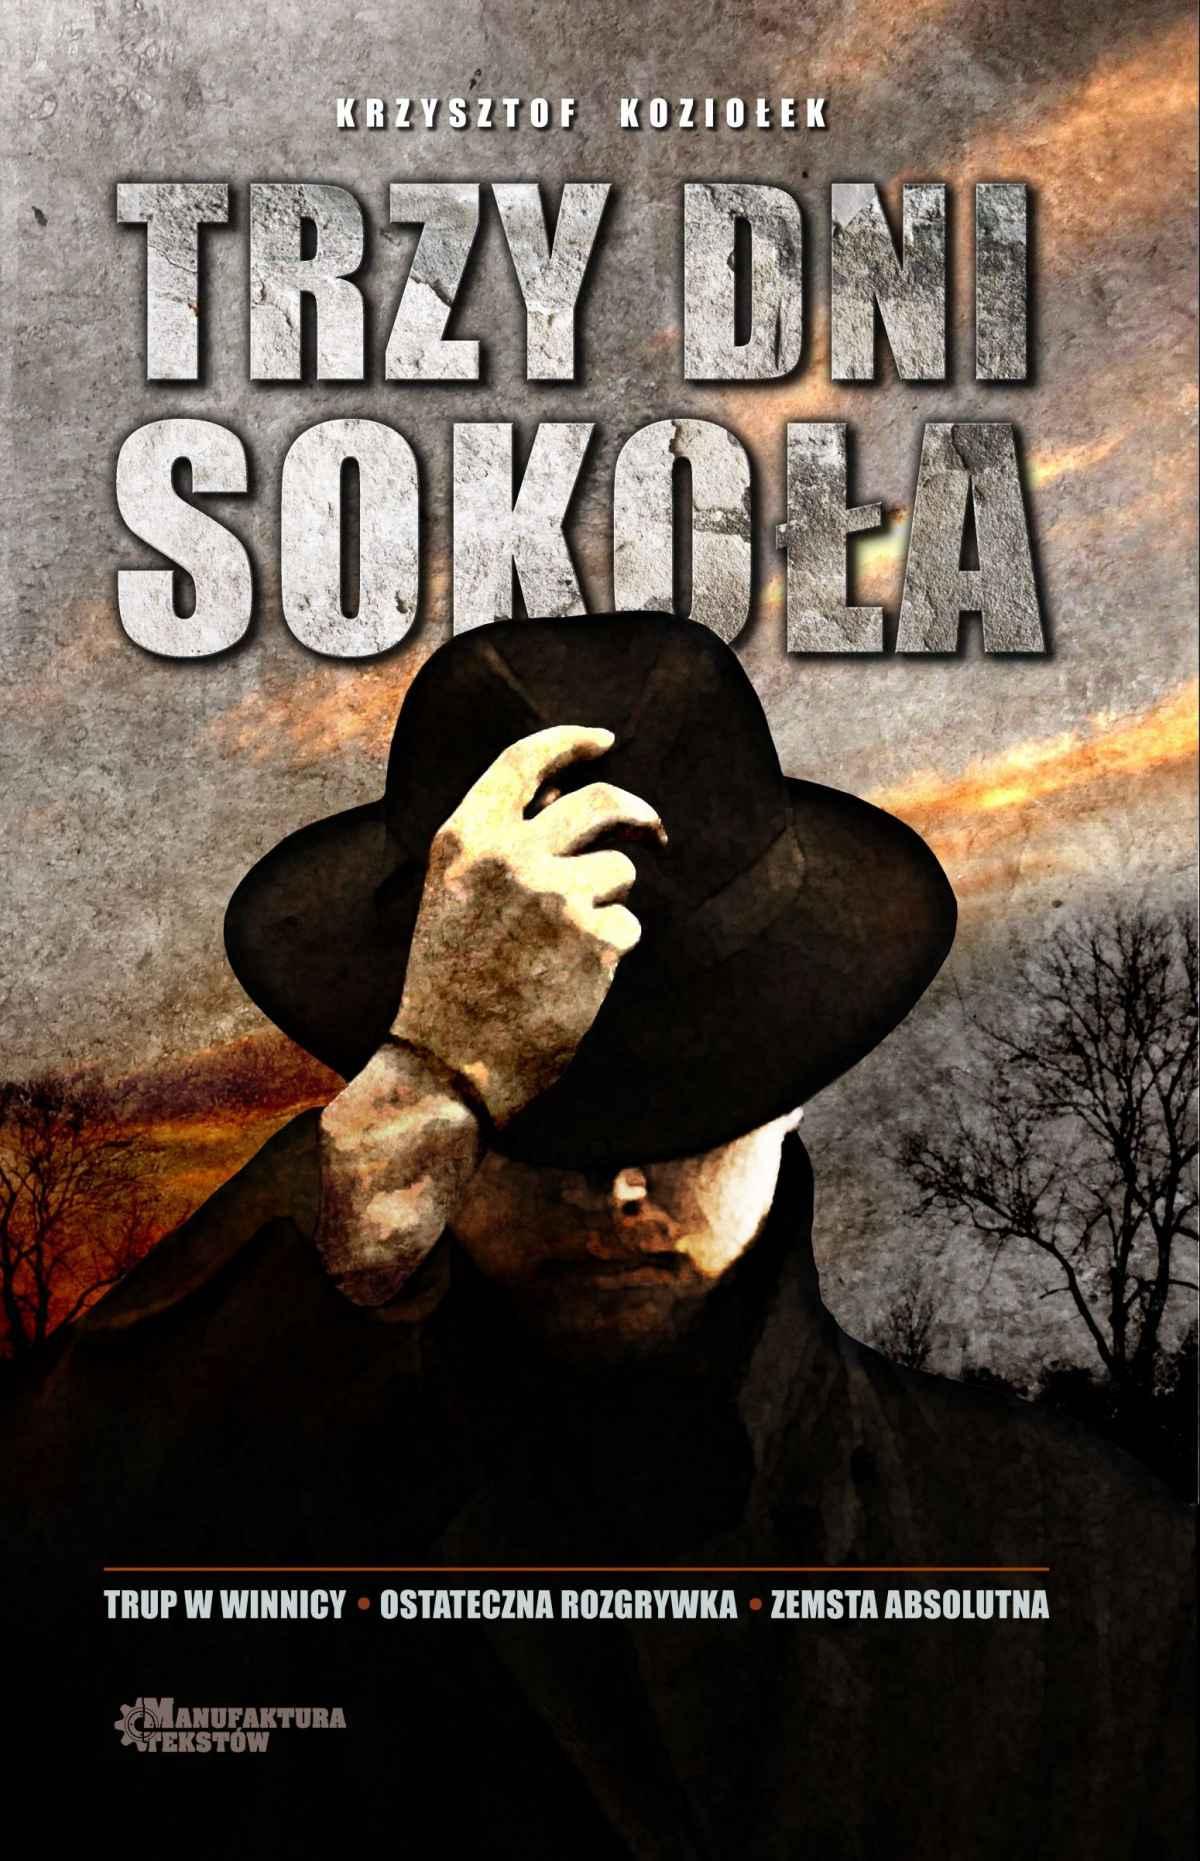 Trzy dni Sokoła - Ebook (Książka EPUB) do pobrania w formacie EPUB